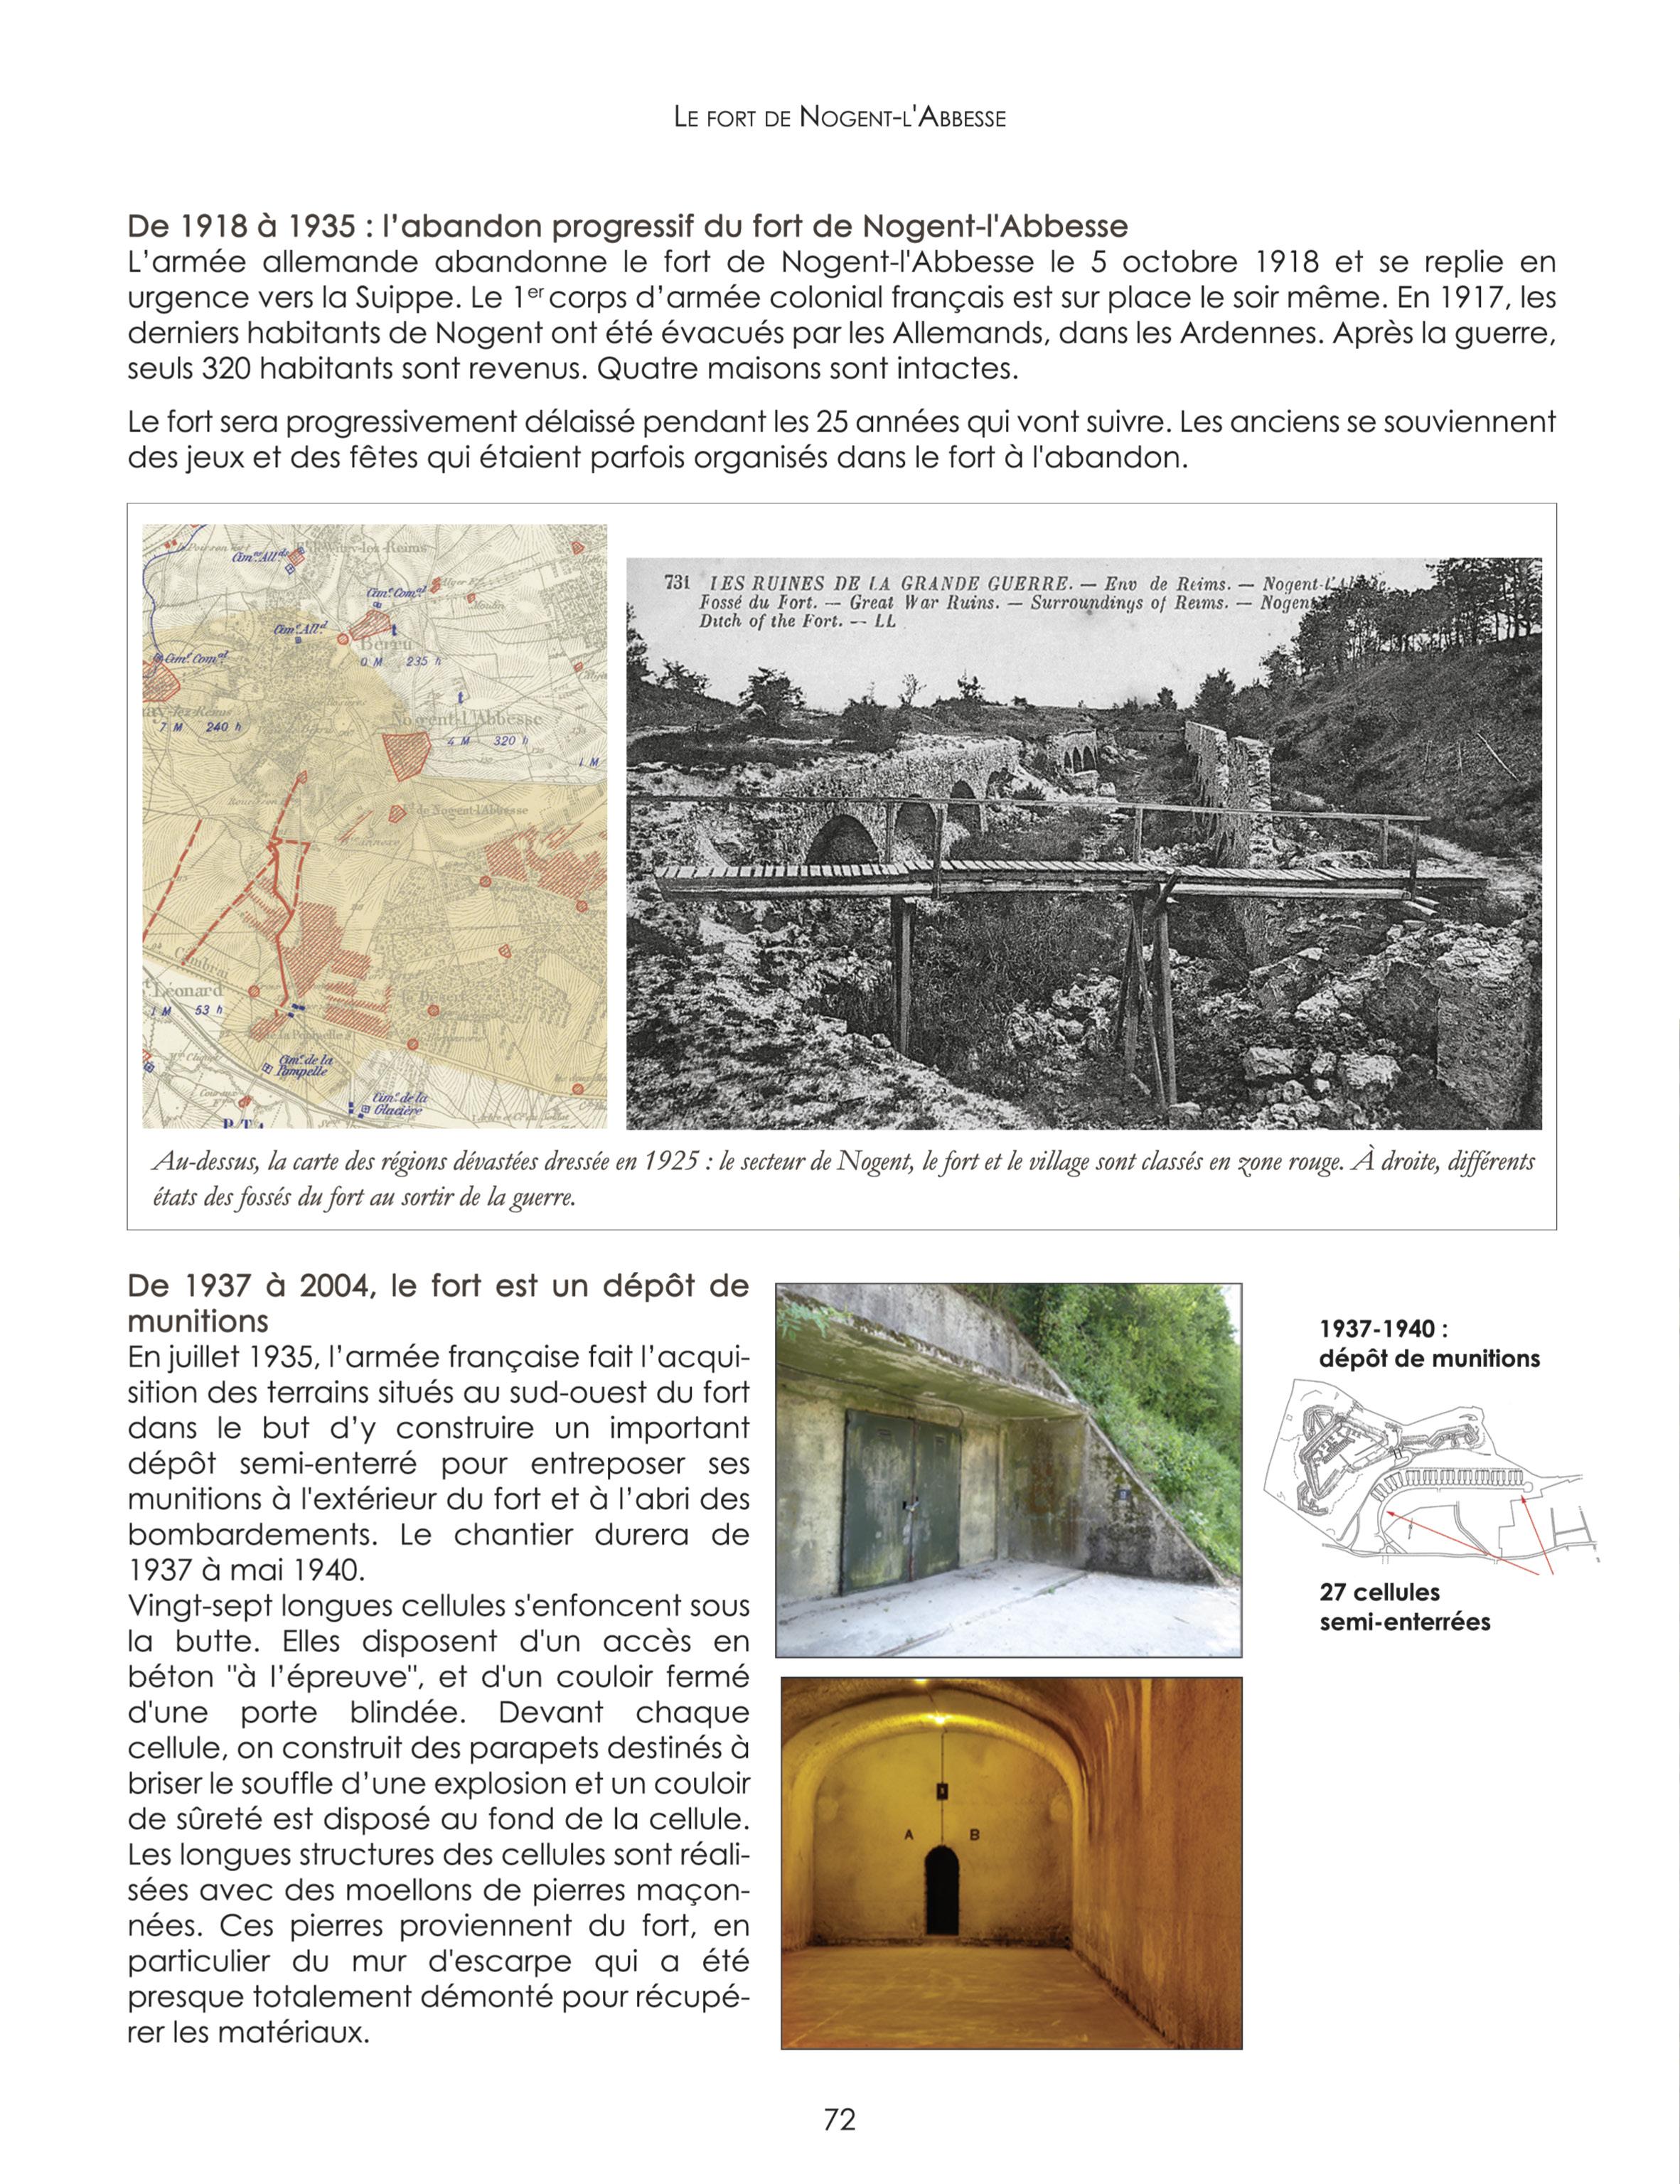 Le fort de Nogent-l'Abbesse : Le livre